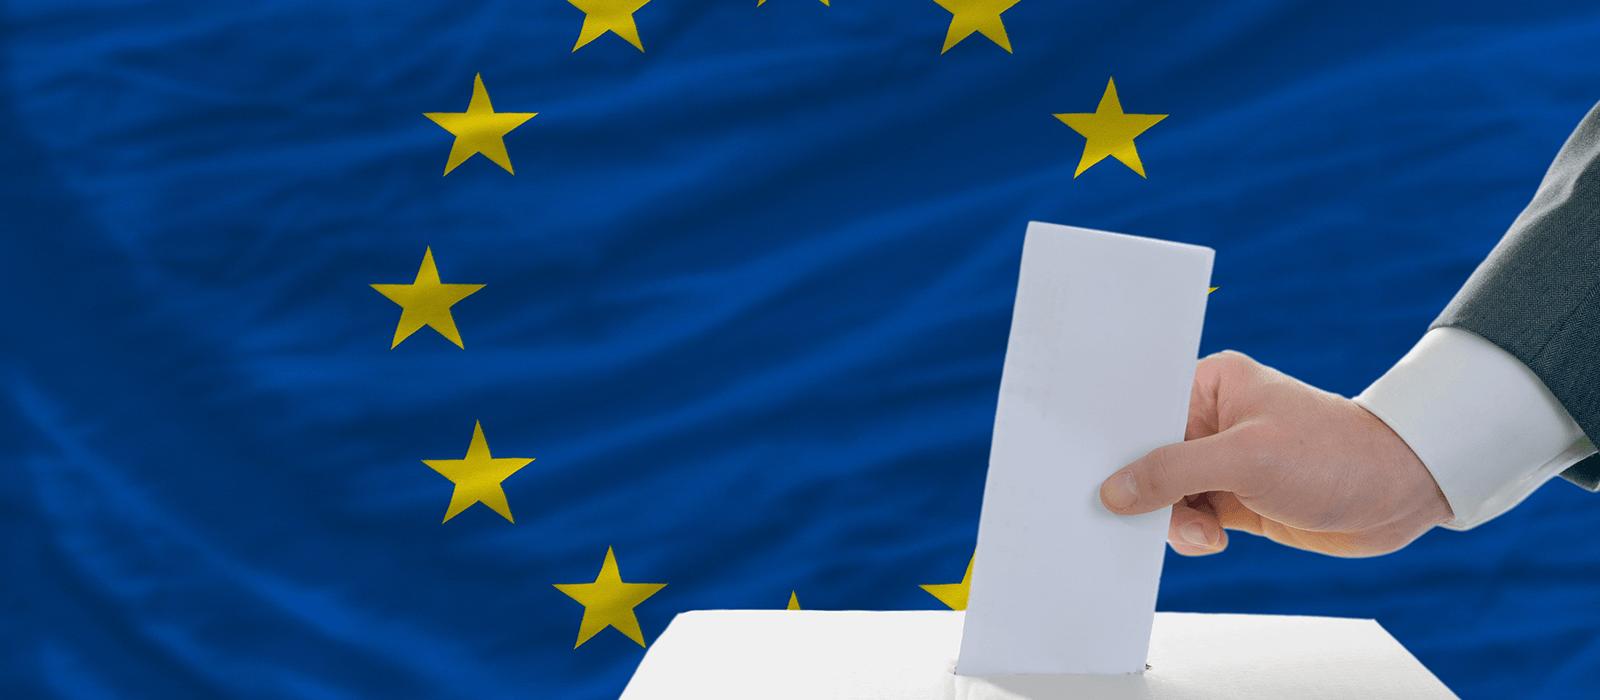 Αποτέλεσμα εικόνας για ευρωπαικές εκλογές